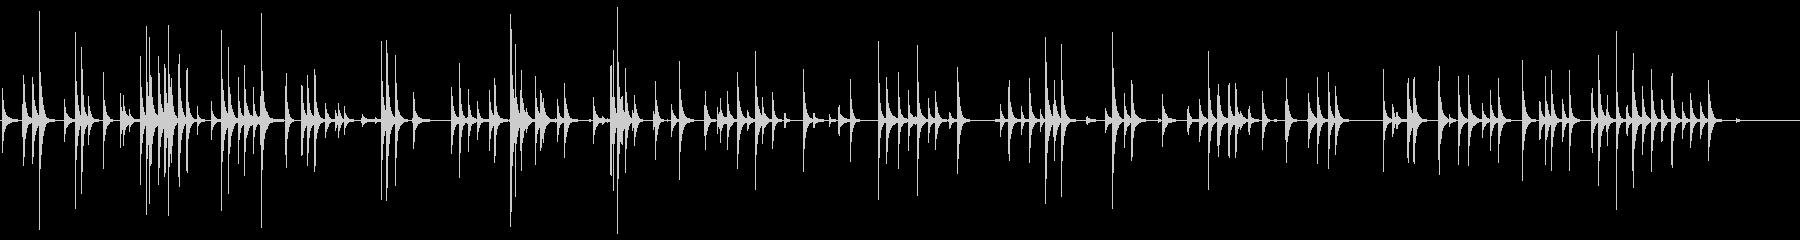 軽金属カウベル:ランダムラトル、ヘ...の未再生の波形